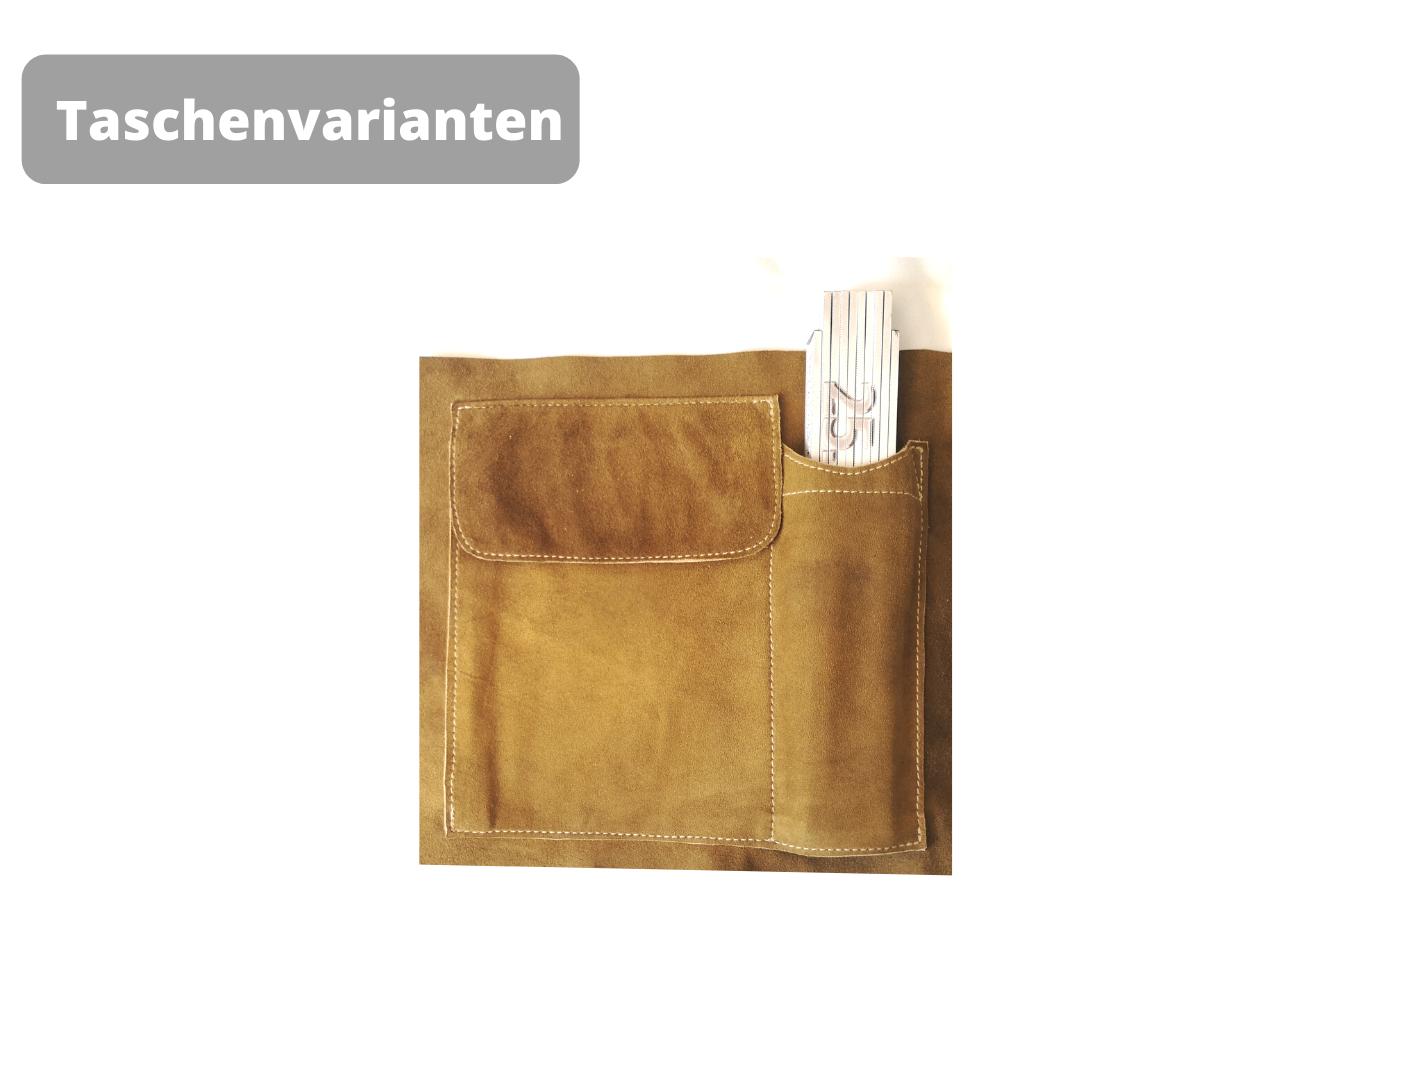 Taschenvariante Lederhose (11)